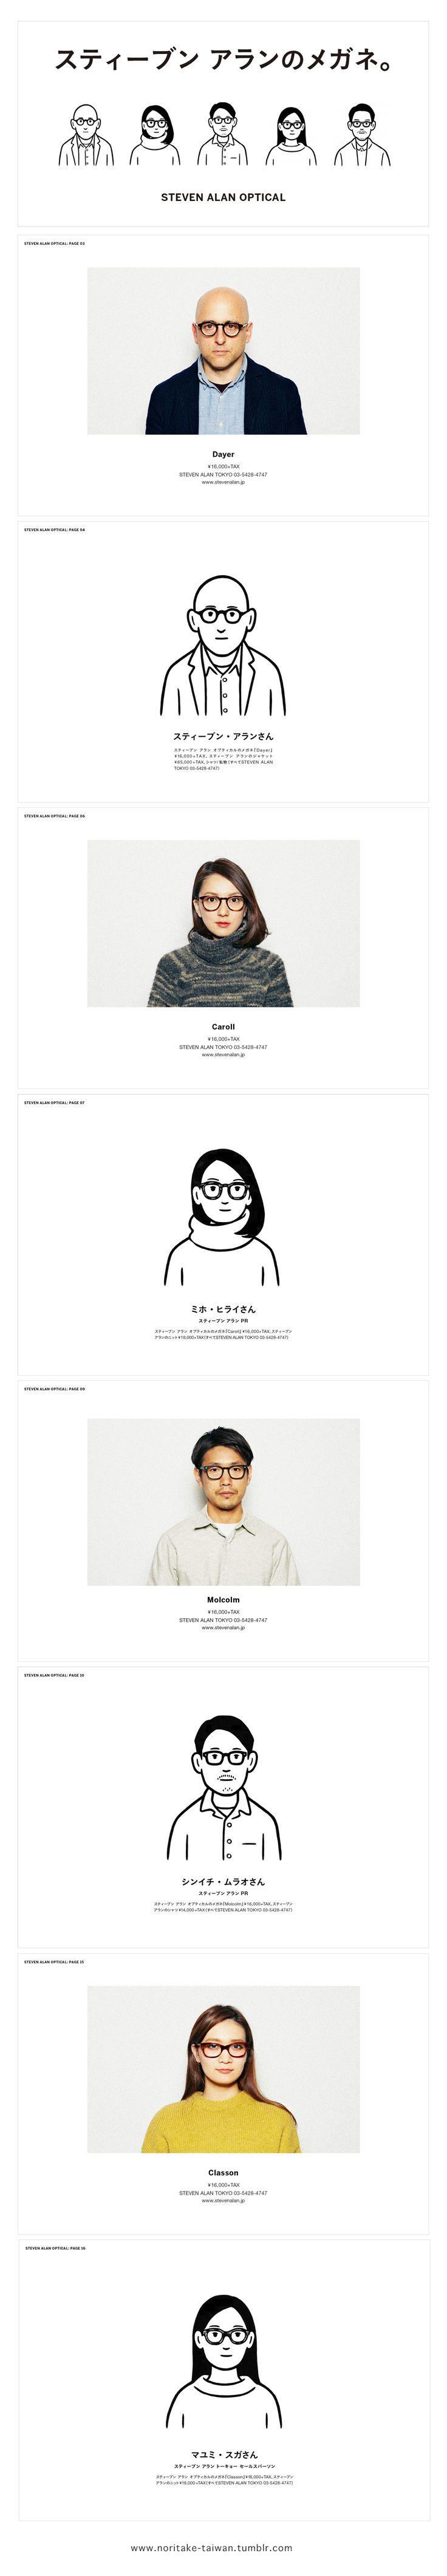 フイナムのFEATUREページ、STEVEN ALAN OPTICAL「スティーブン アランのメガネ。」のイラストを描かせていただきました。よろしくお願いします。  Illust_Noritake   / Photo_Yuhki山本和正竹內  / Edit_Hiroshi山